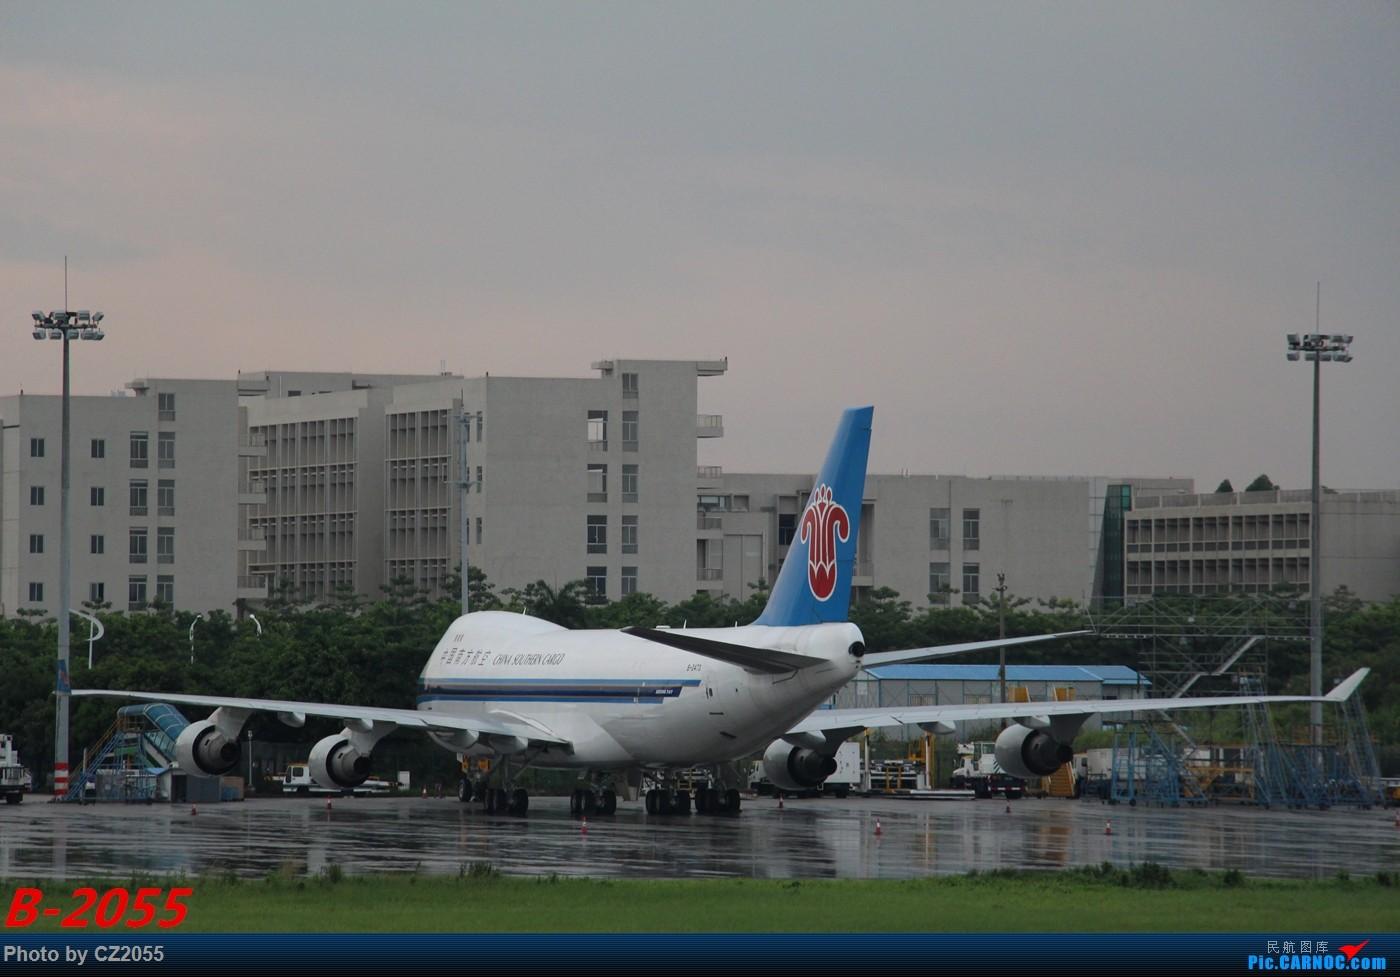 Re:[原创]【广东青少年拍机小队】【C-Z-2055】灰常灰常倒霉的一次拍机! BOEING 747-400F B-2473 中国广州白云国际机场